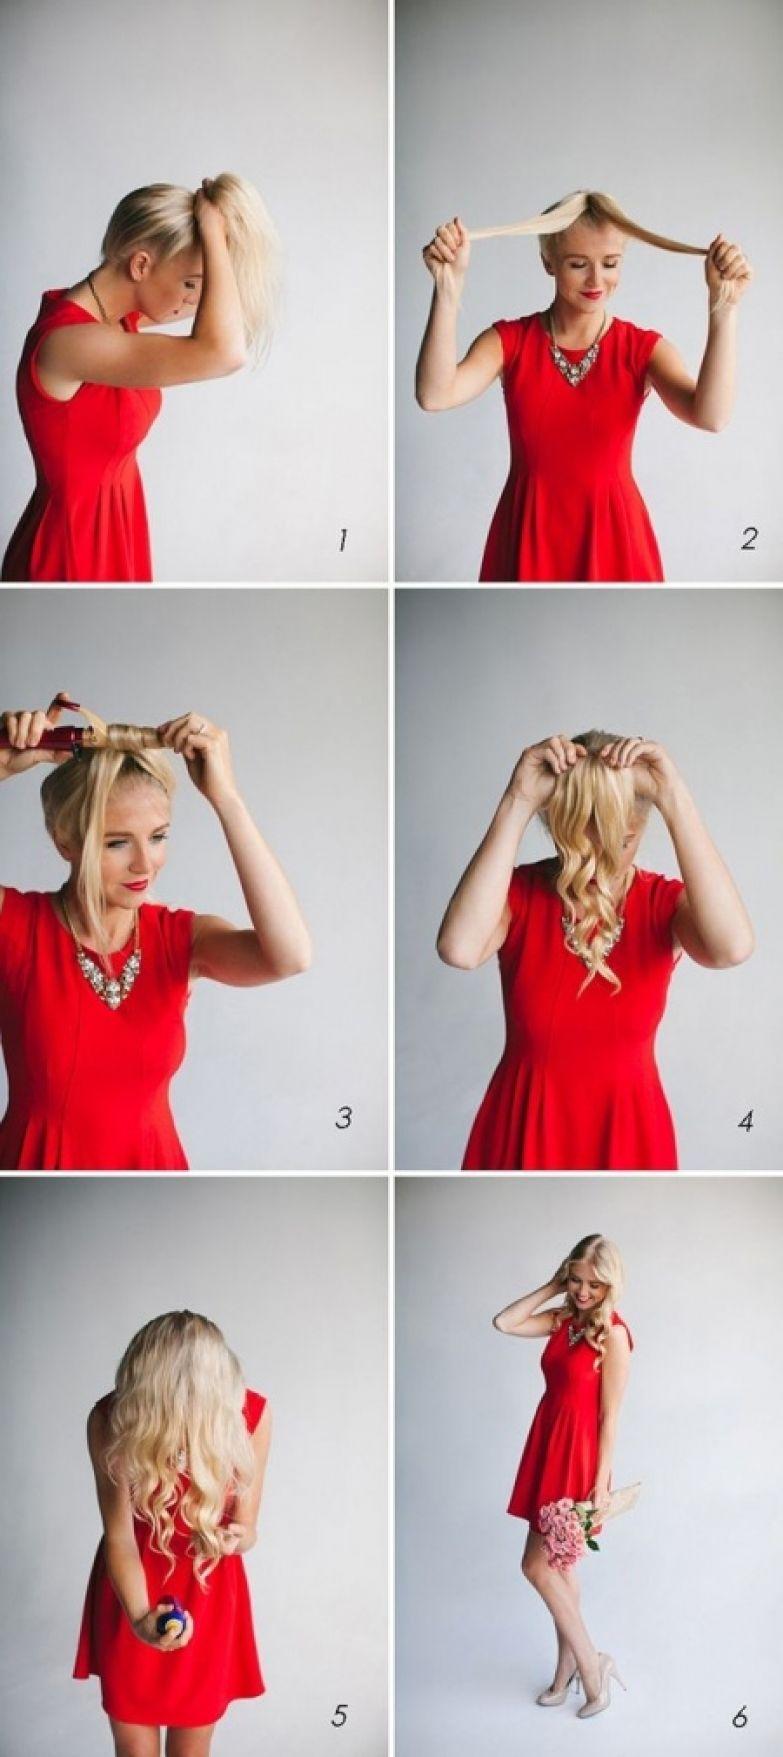 14 причесок, которые можно сделать за 3 минуты